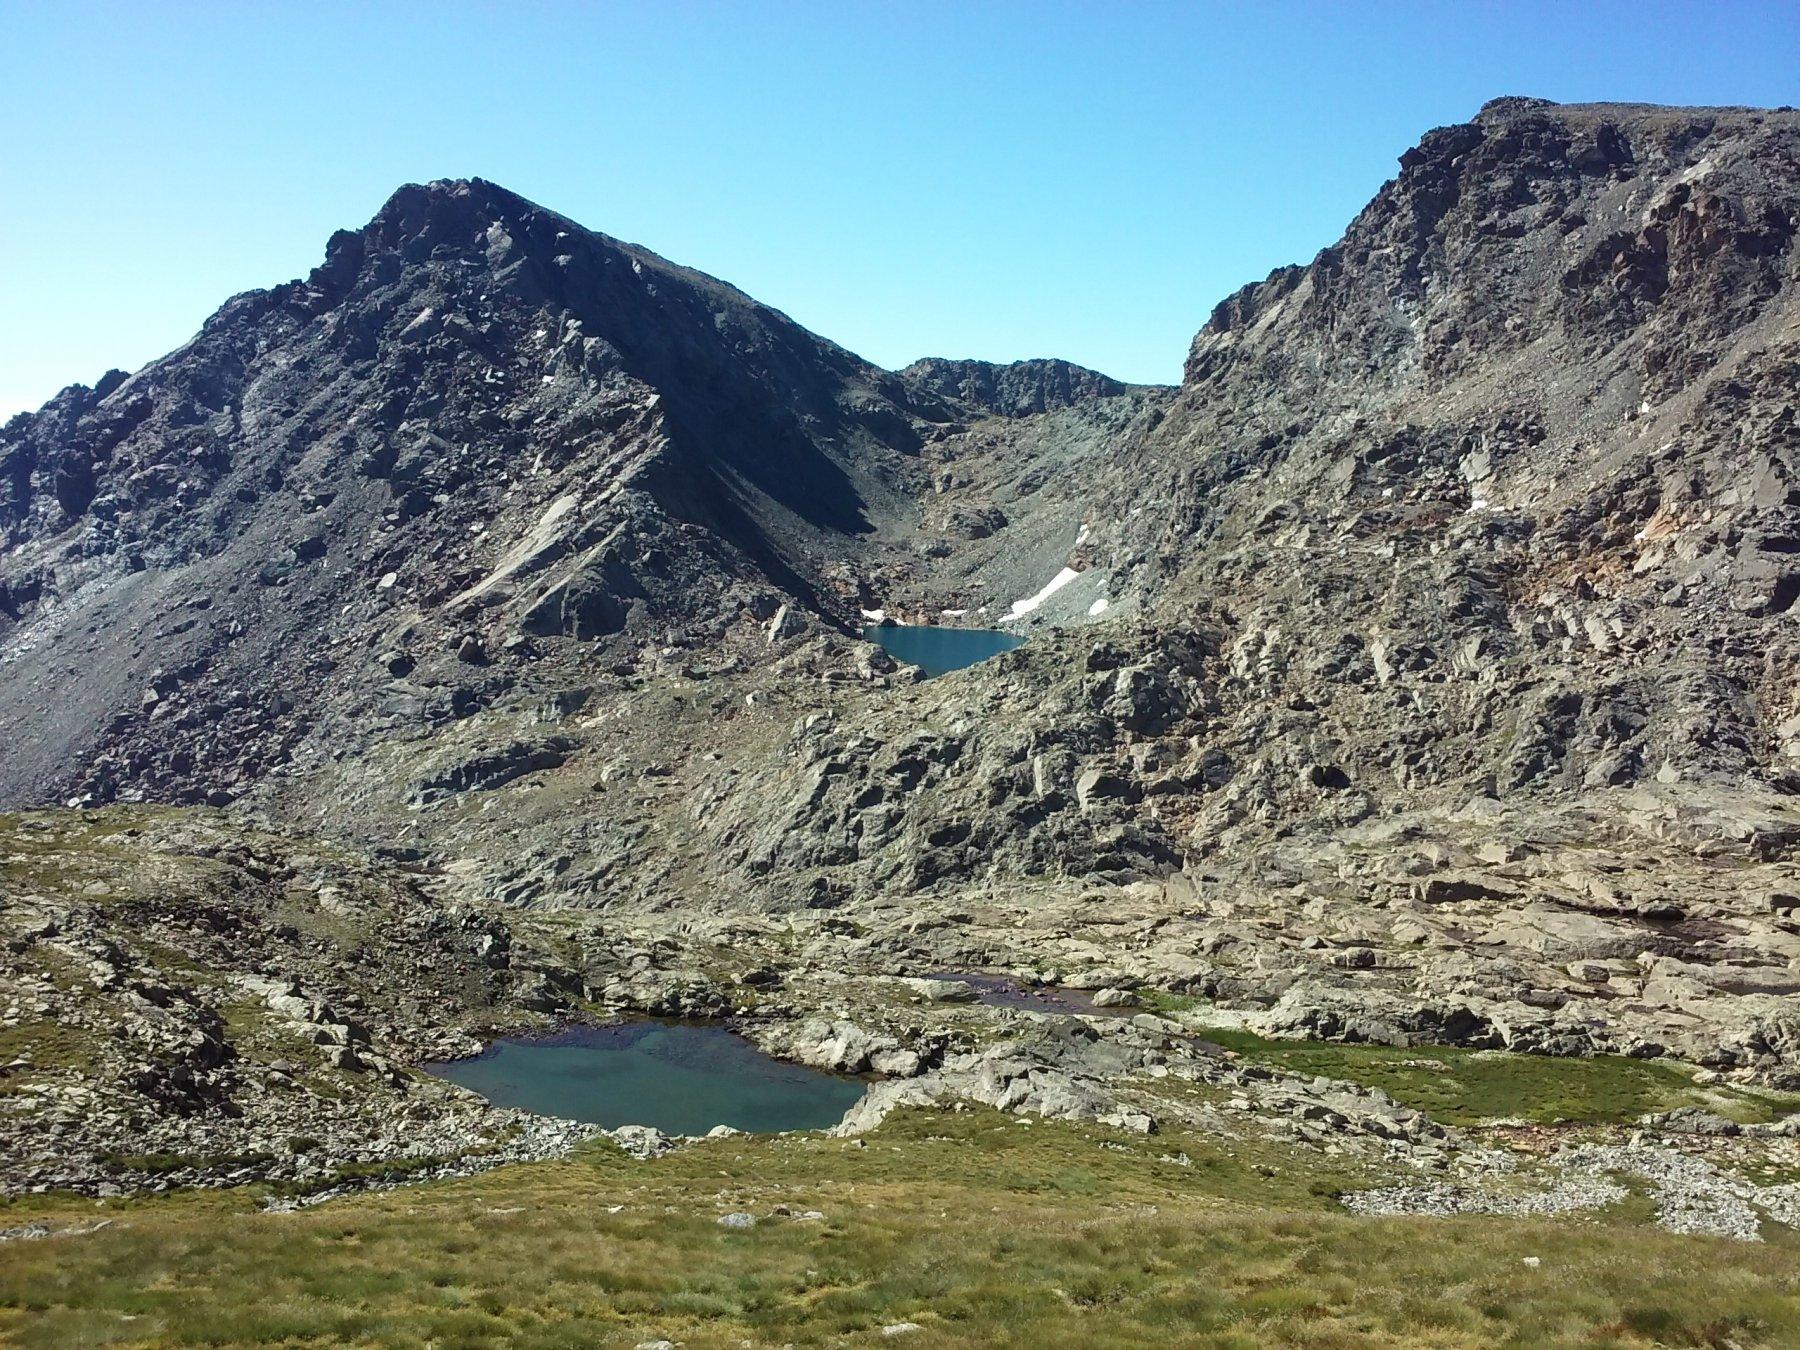 Vista-lago dai pressi del colle Raye Chevrère.